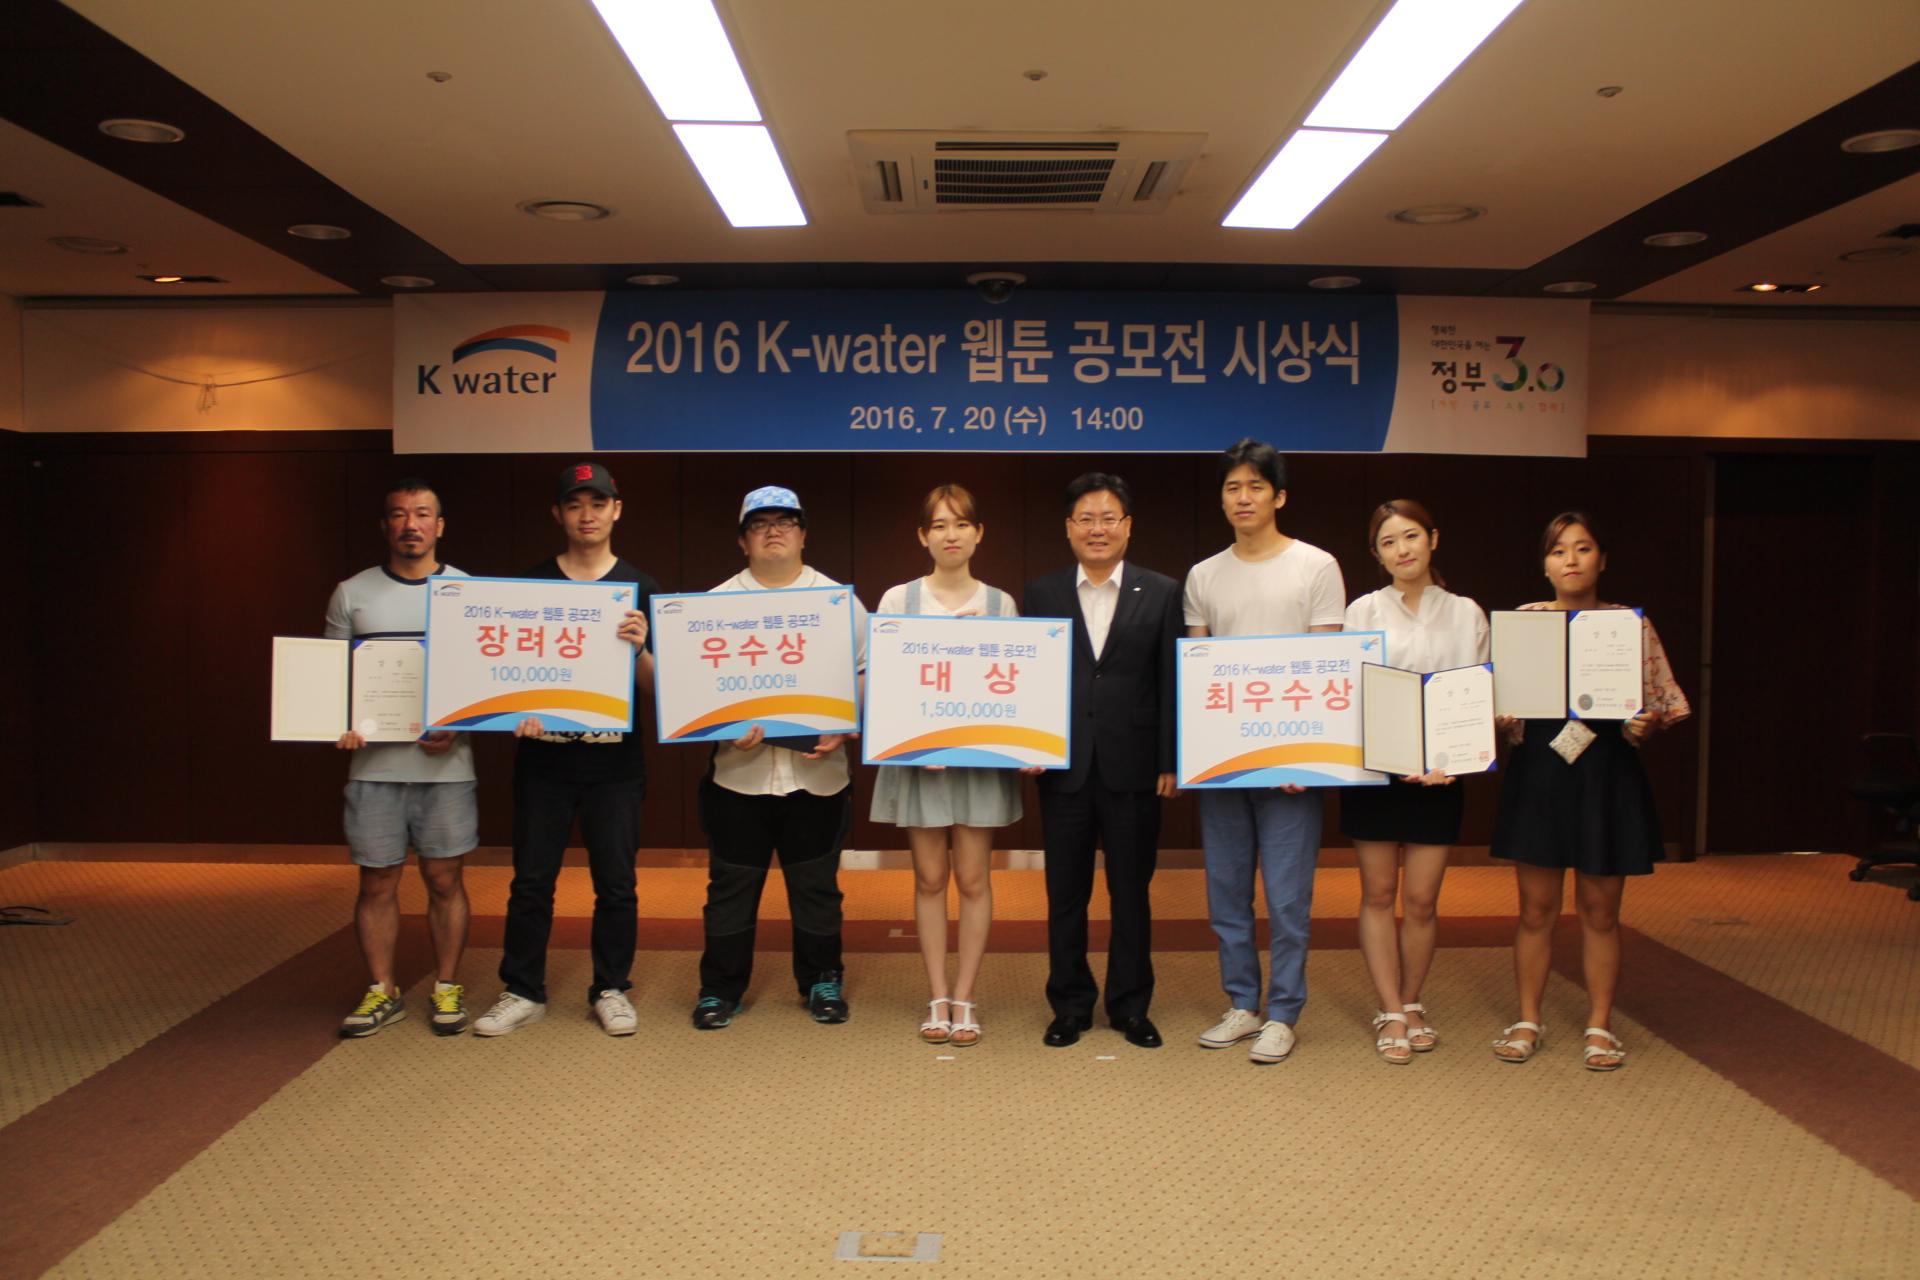 K-water, '2016 K-water 웹툰공모전' 시상식 개최